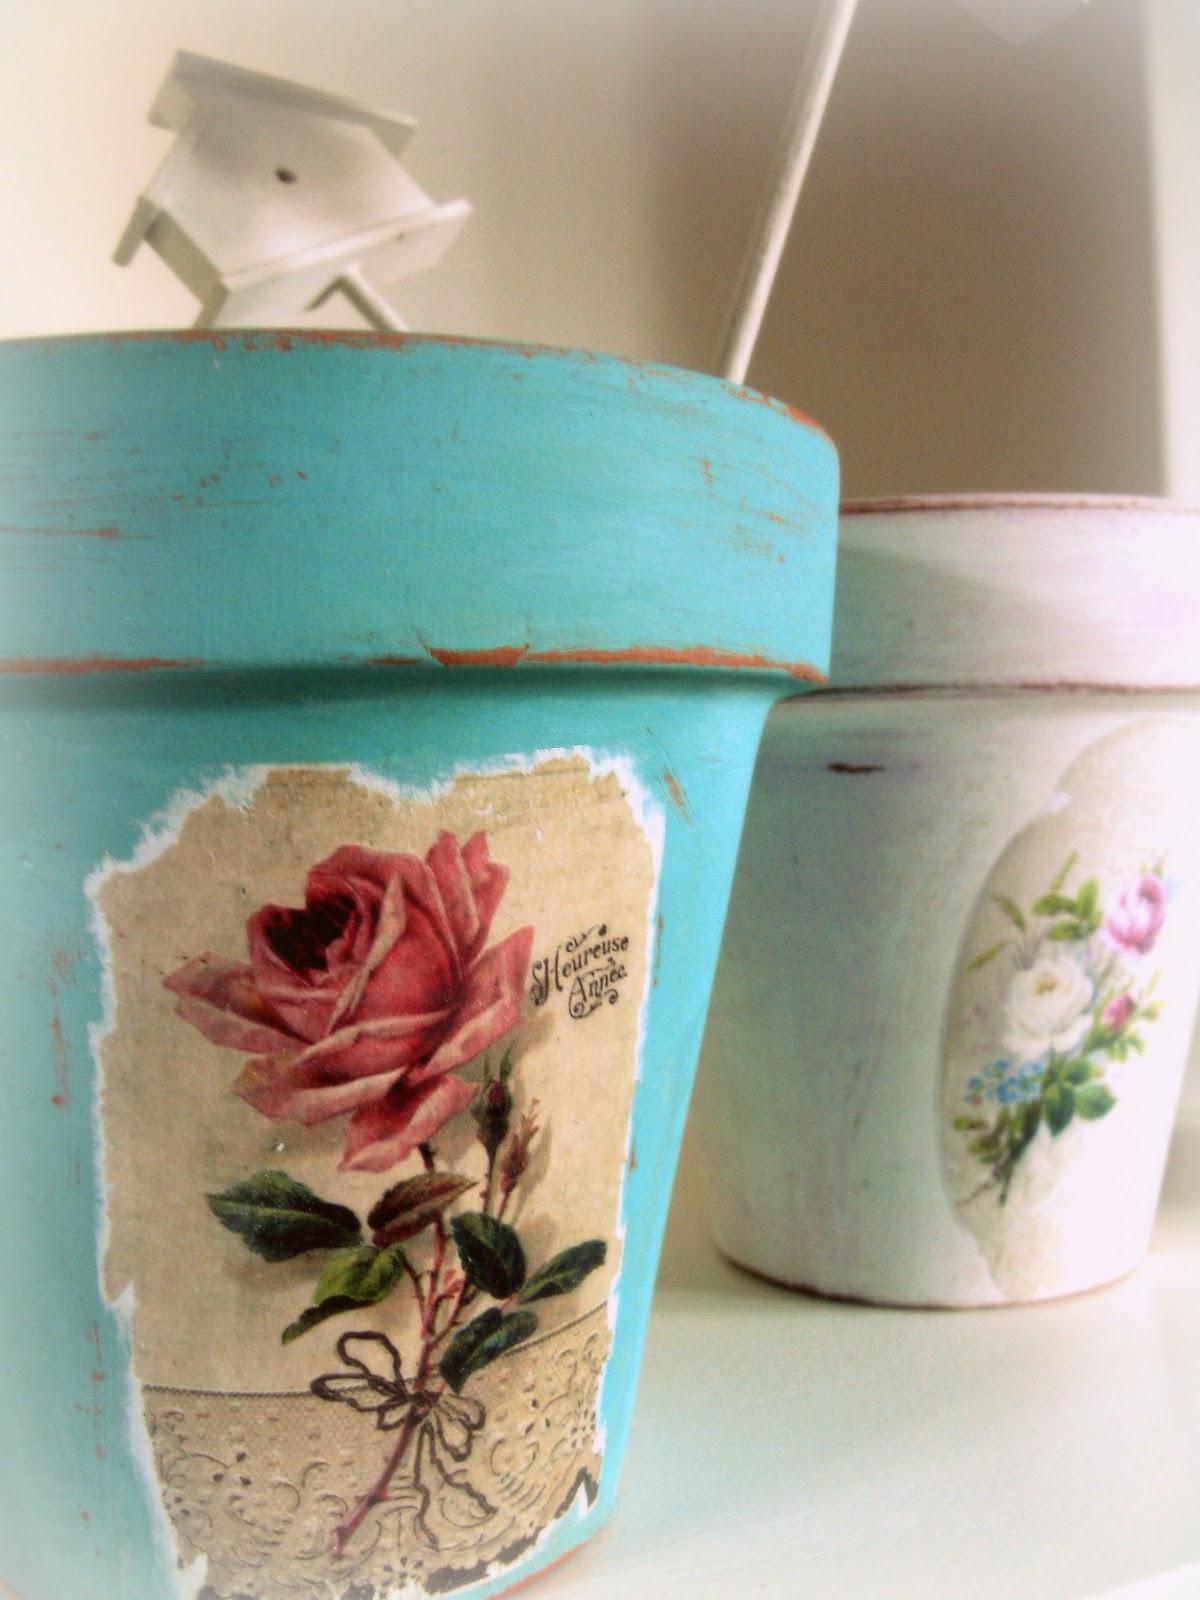 Tienda la florinda maceta y tutor casita - Casitas en macetas ...